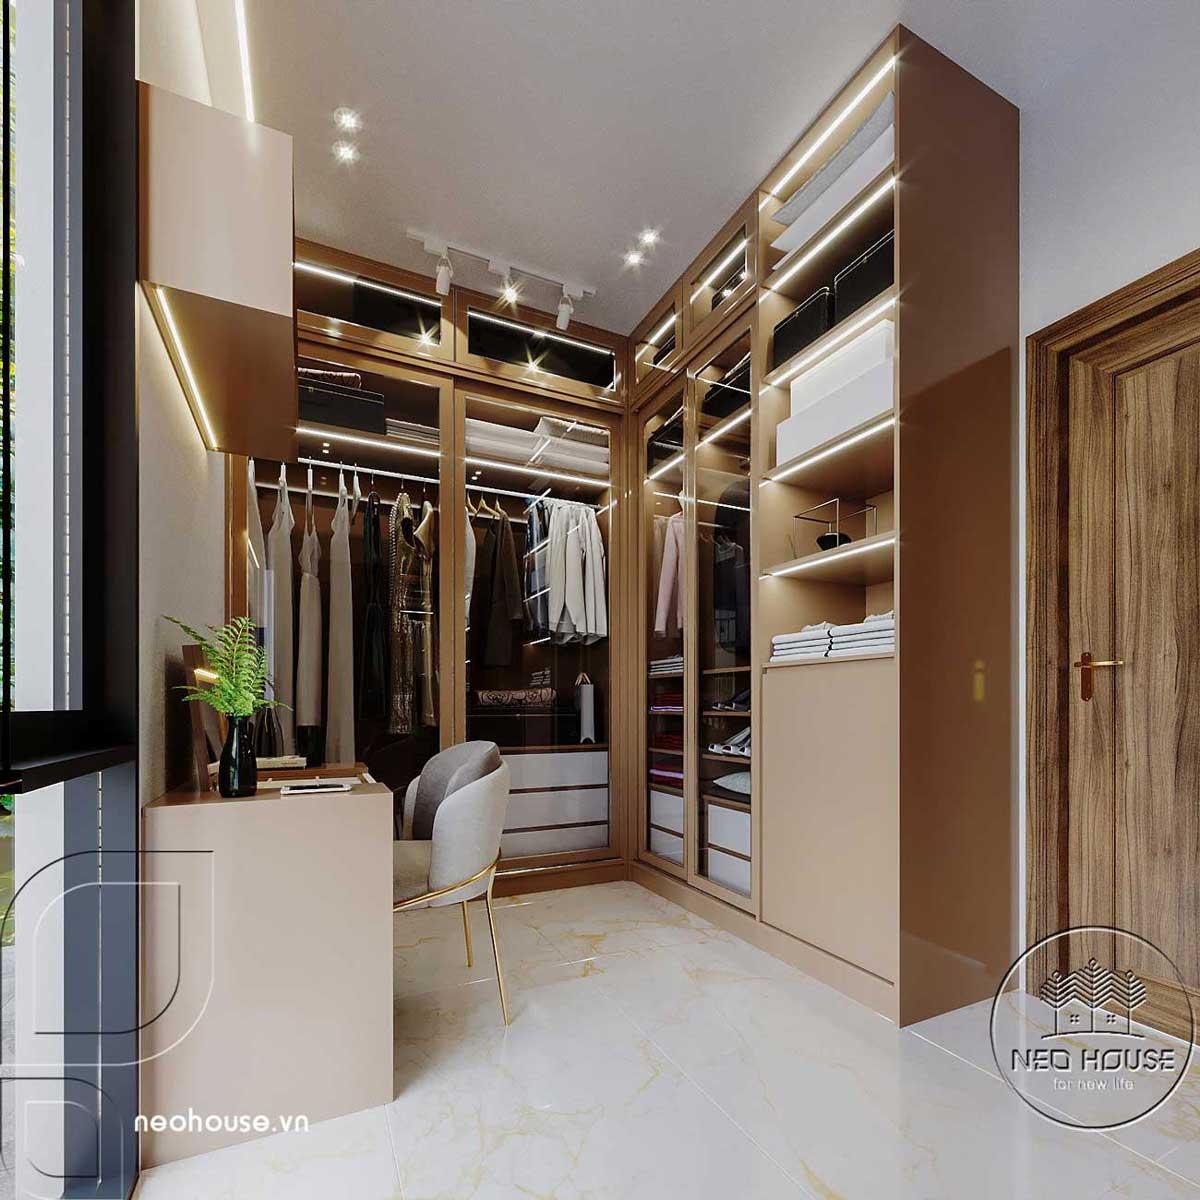 Mẫu Thiết kế nội thất phòng ngủ master 2 biệt thự hiện đại 3 tầng